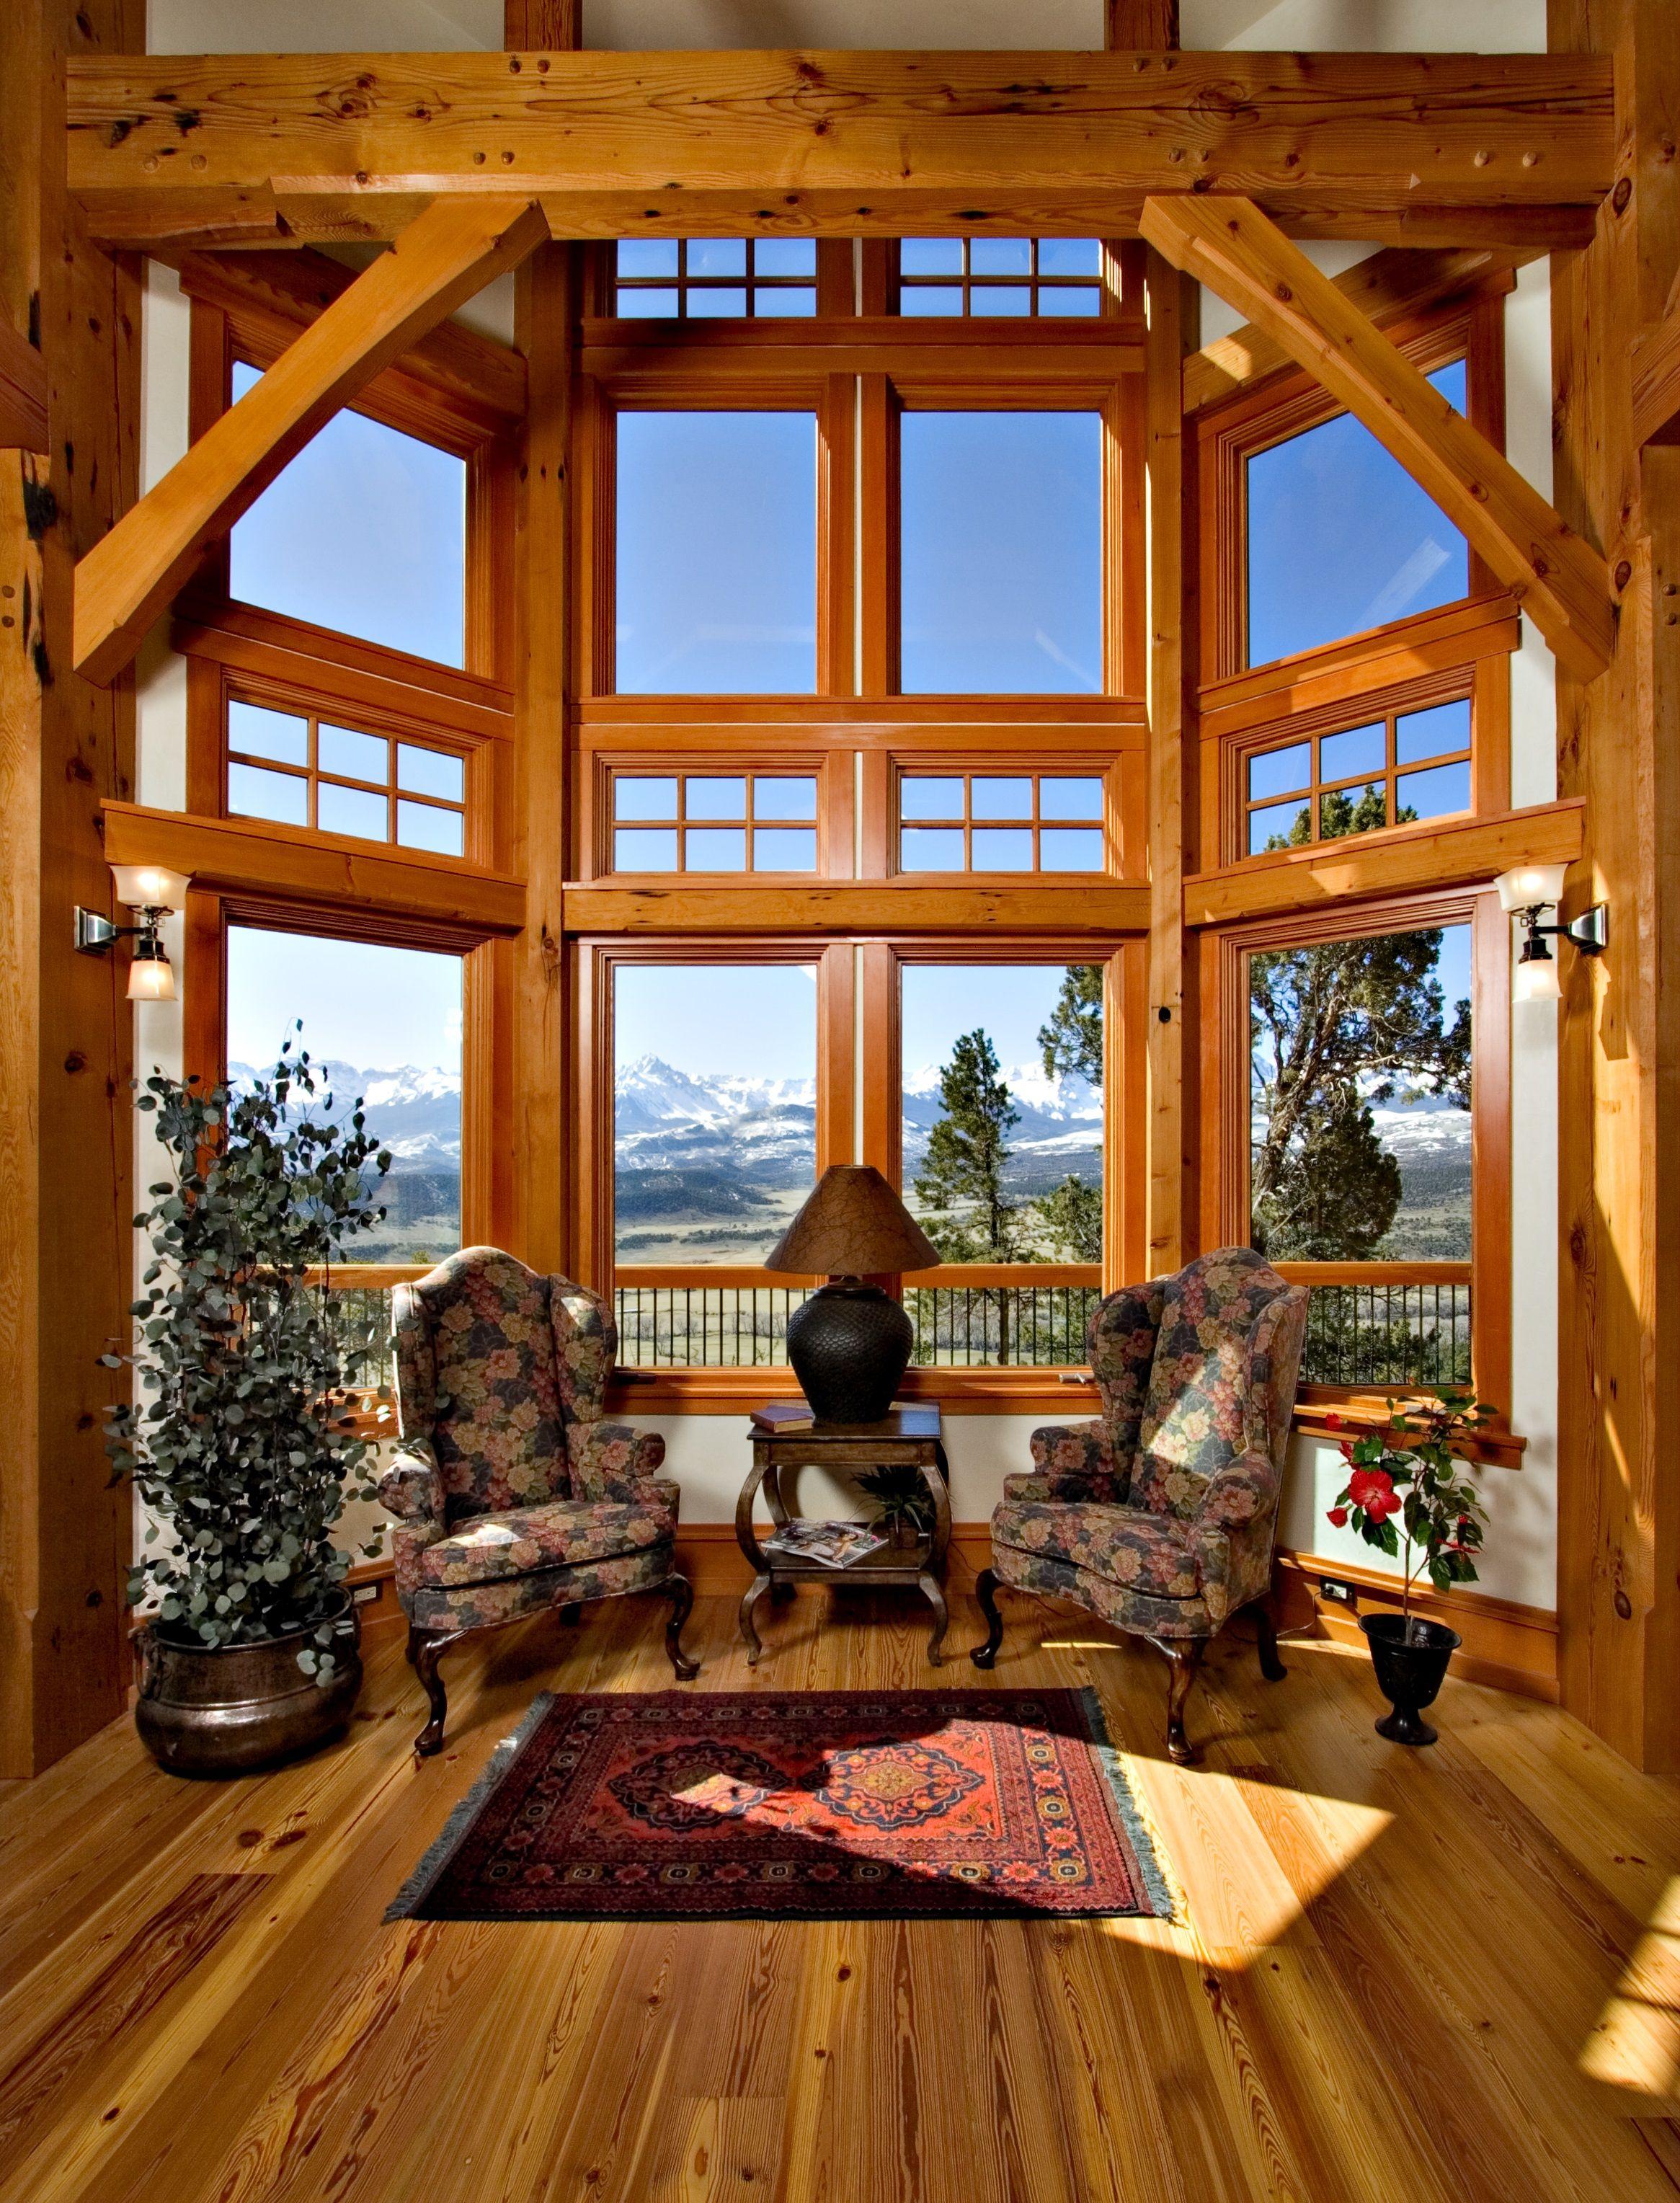 Compact Hybrid Timber Frame Home Design Photos Timber Home Living: Colorado Timberframe Home Interior